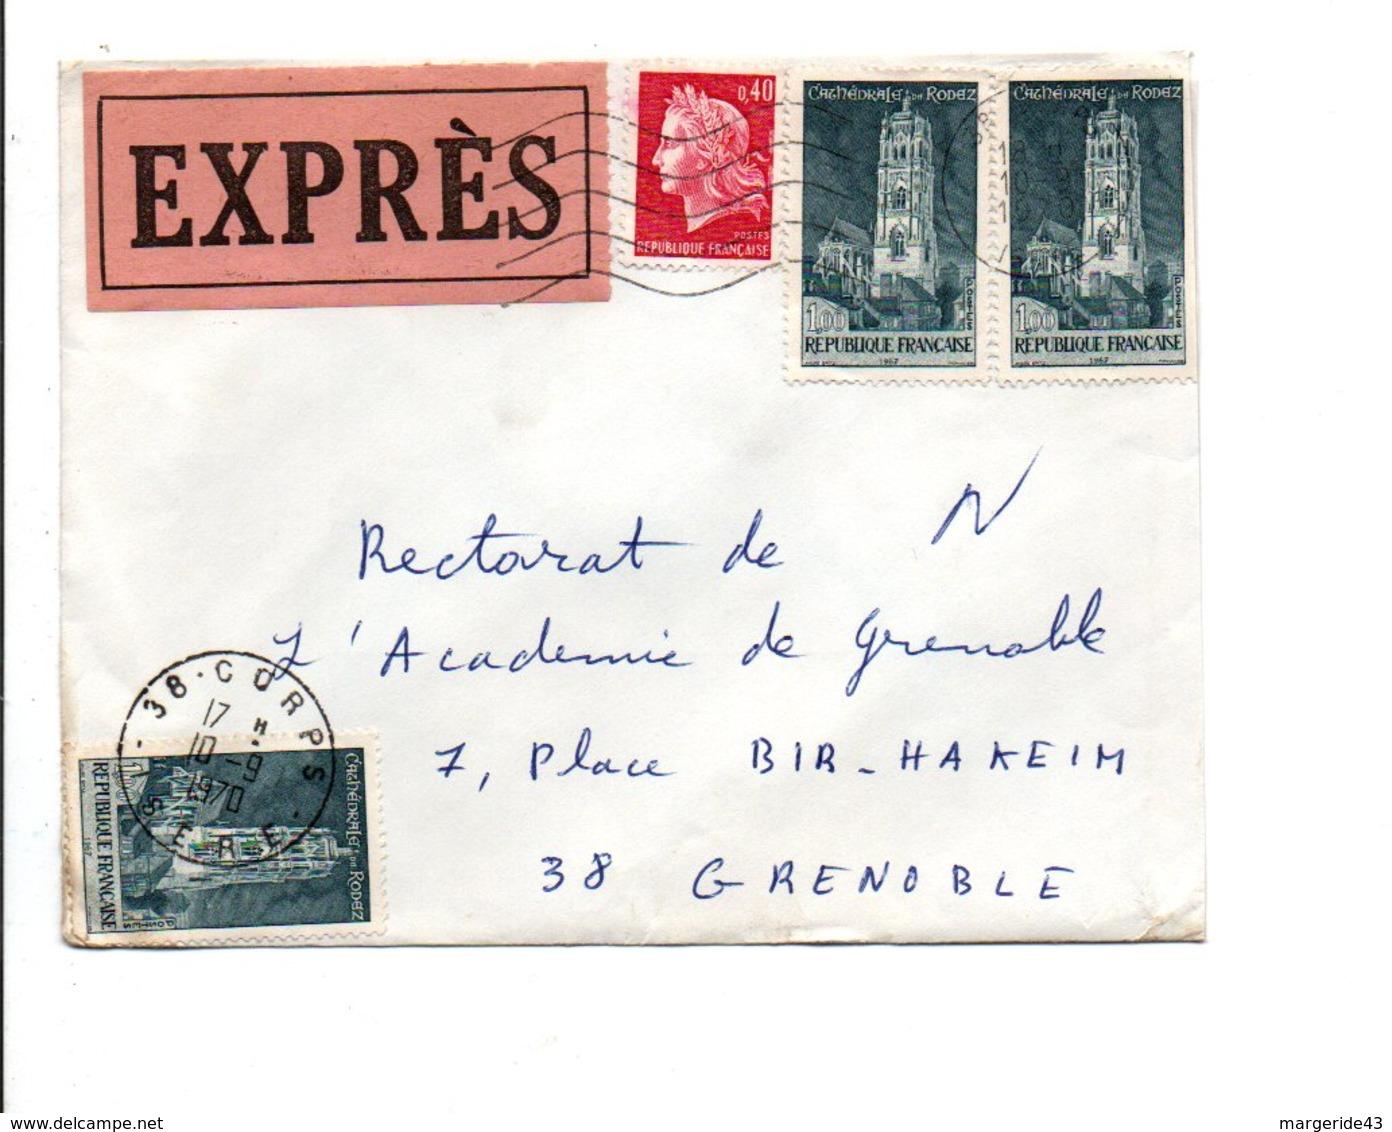 AFFRANCHISSEMENT COMPOSE SUR LETTRE EXPRES DE CORPS ISERE 1970 - 1961-....